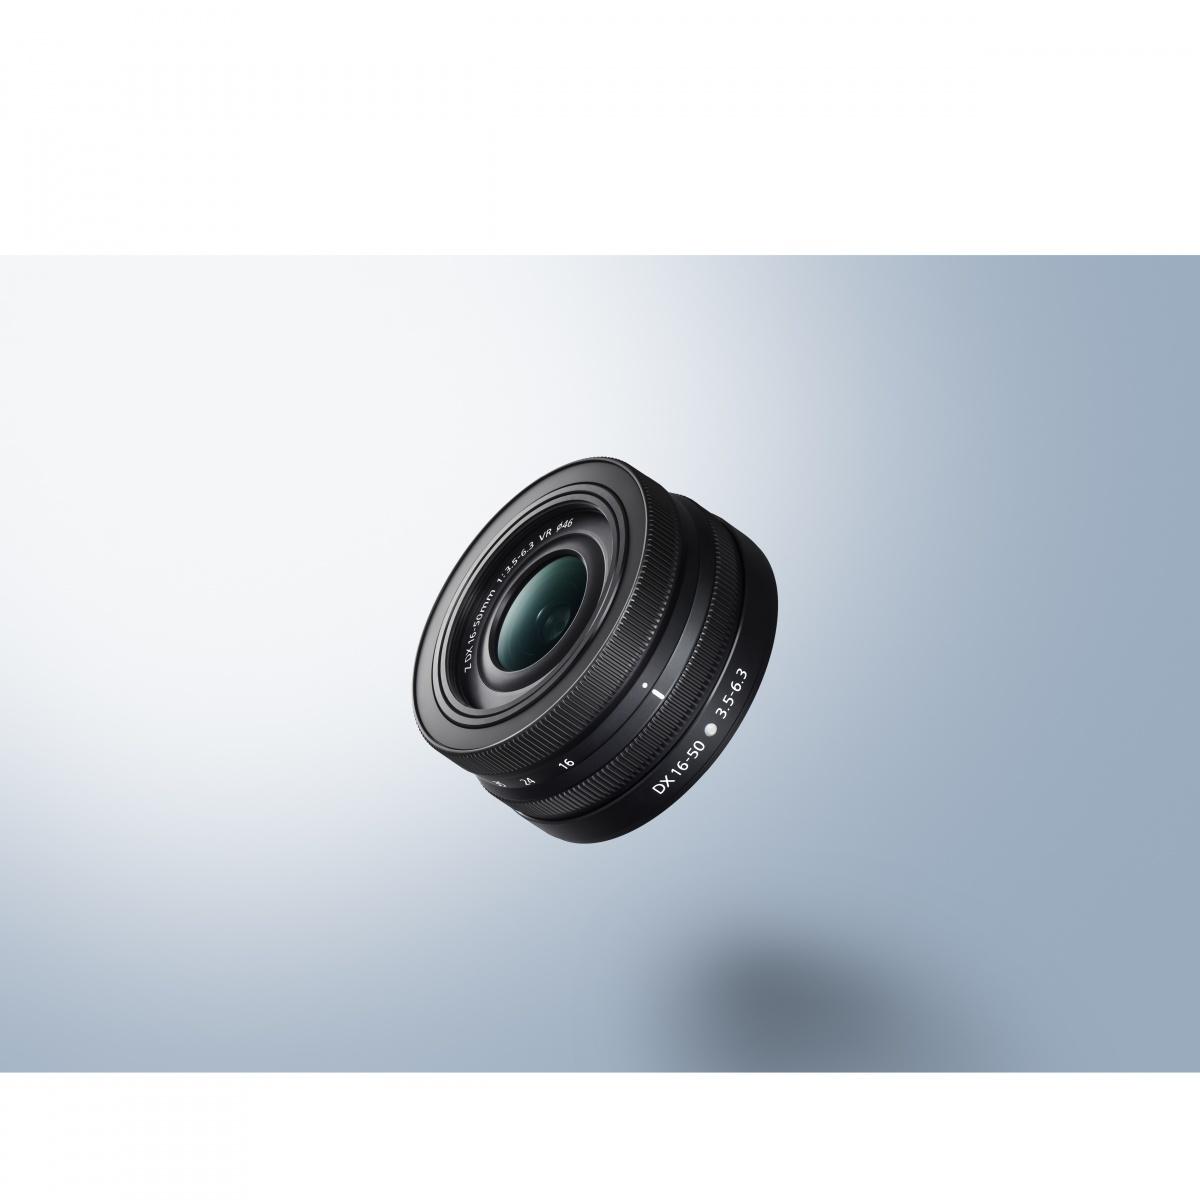 Nikon 16-50 mm 1:3,5-6,3 Z DX VR